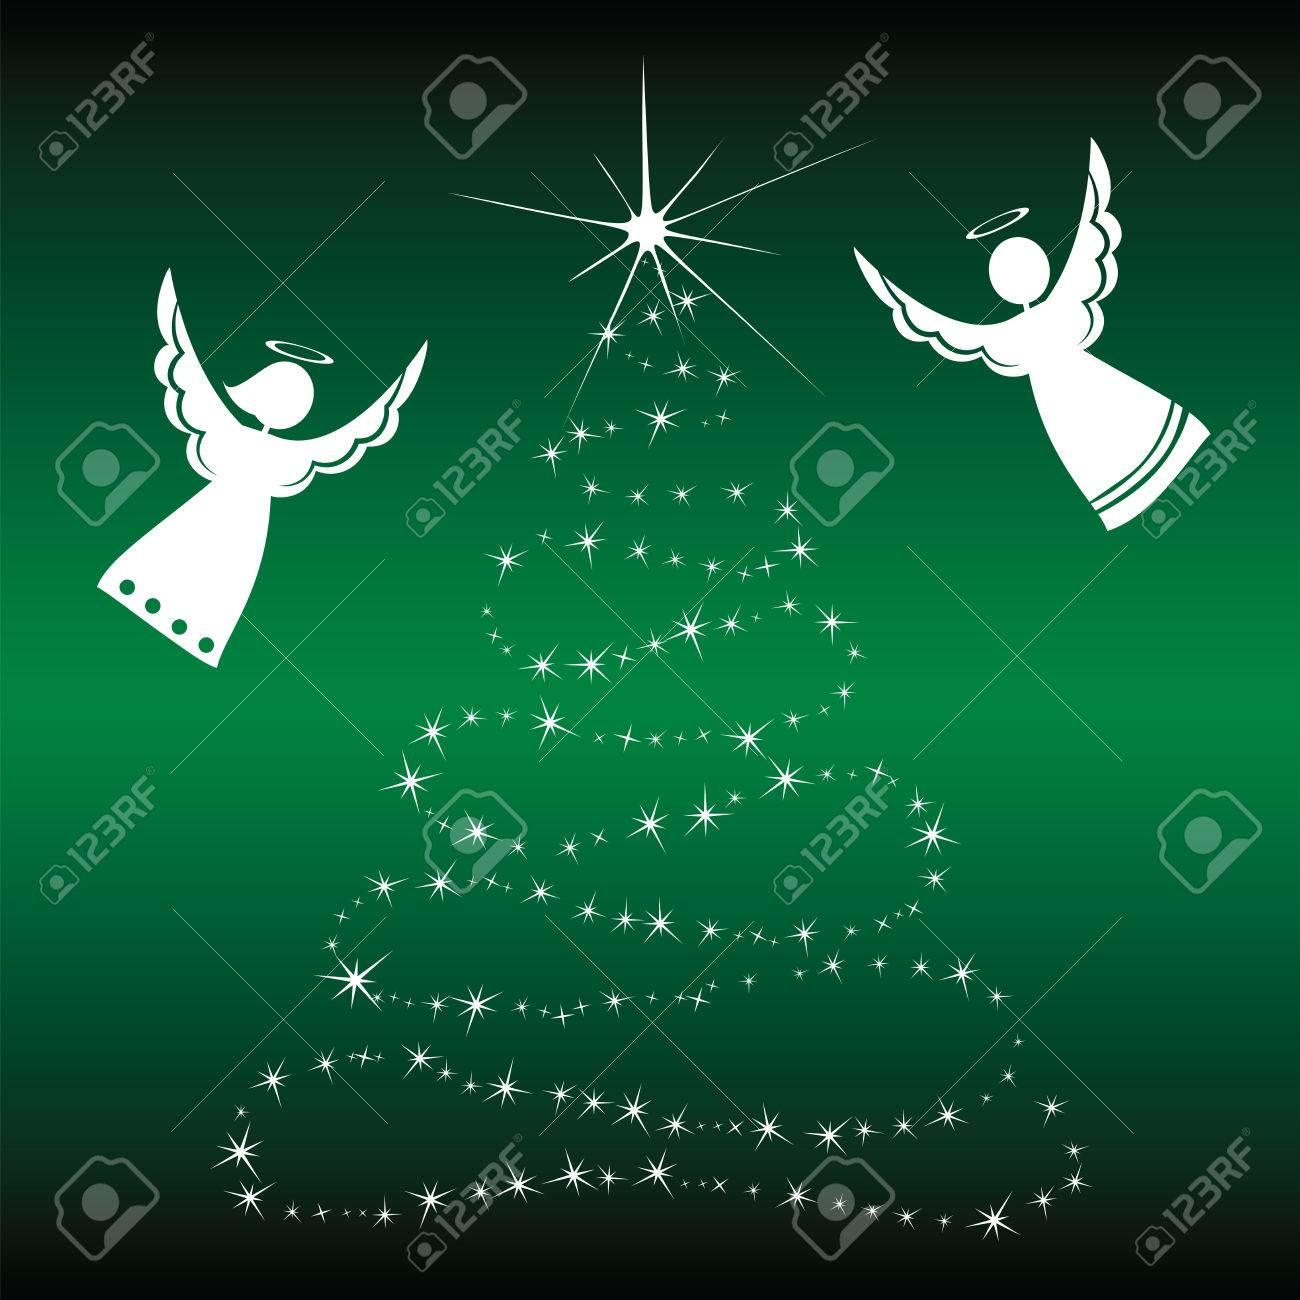 Christmas Angels.Christmas Angels Christmas Angels With Christmas Tree Graphics